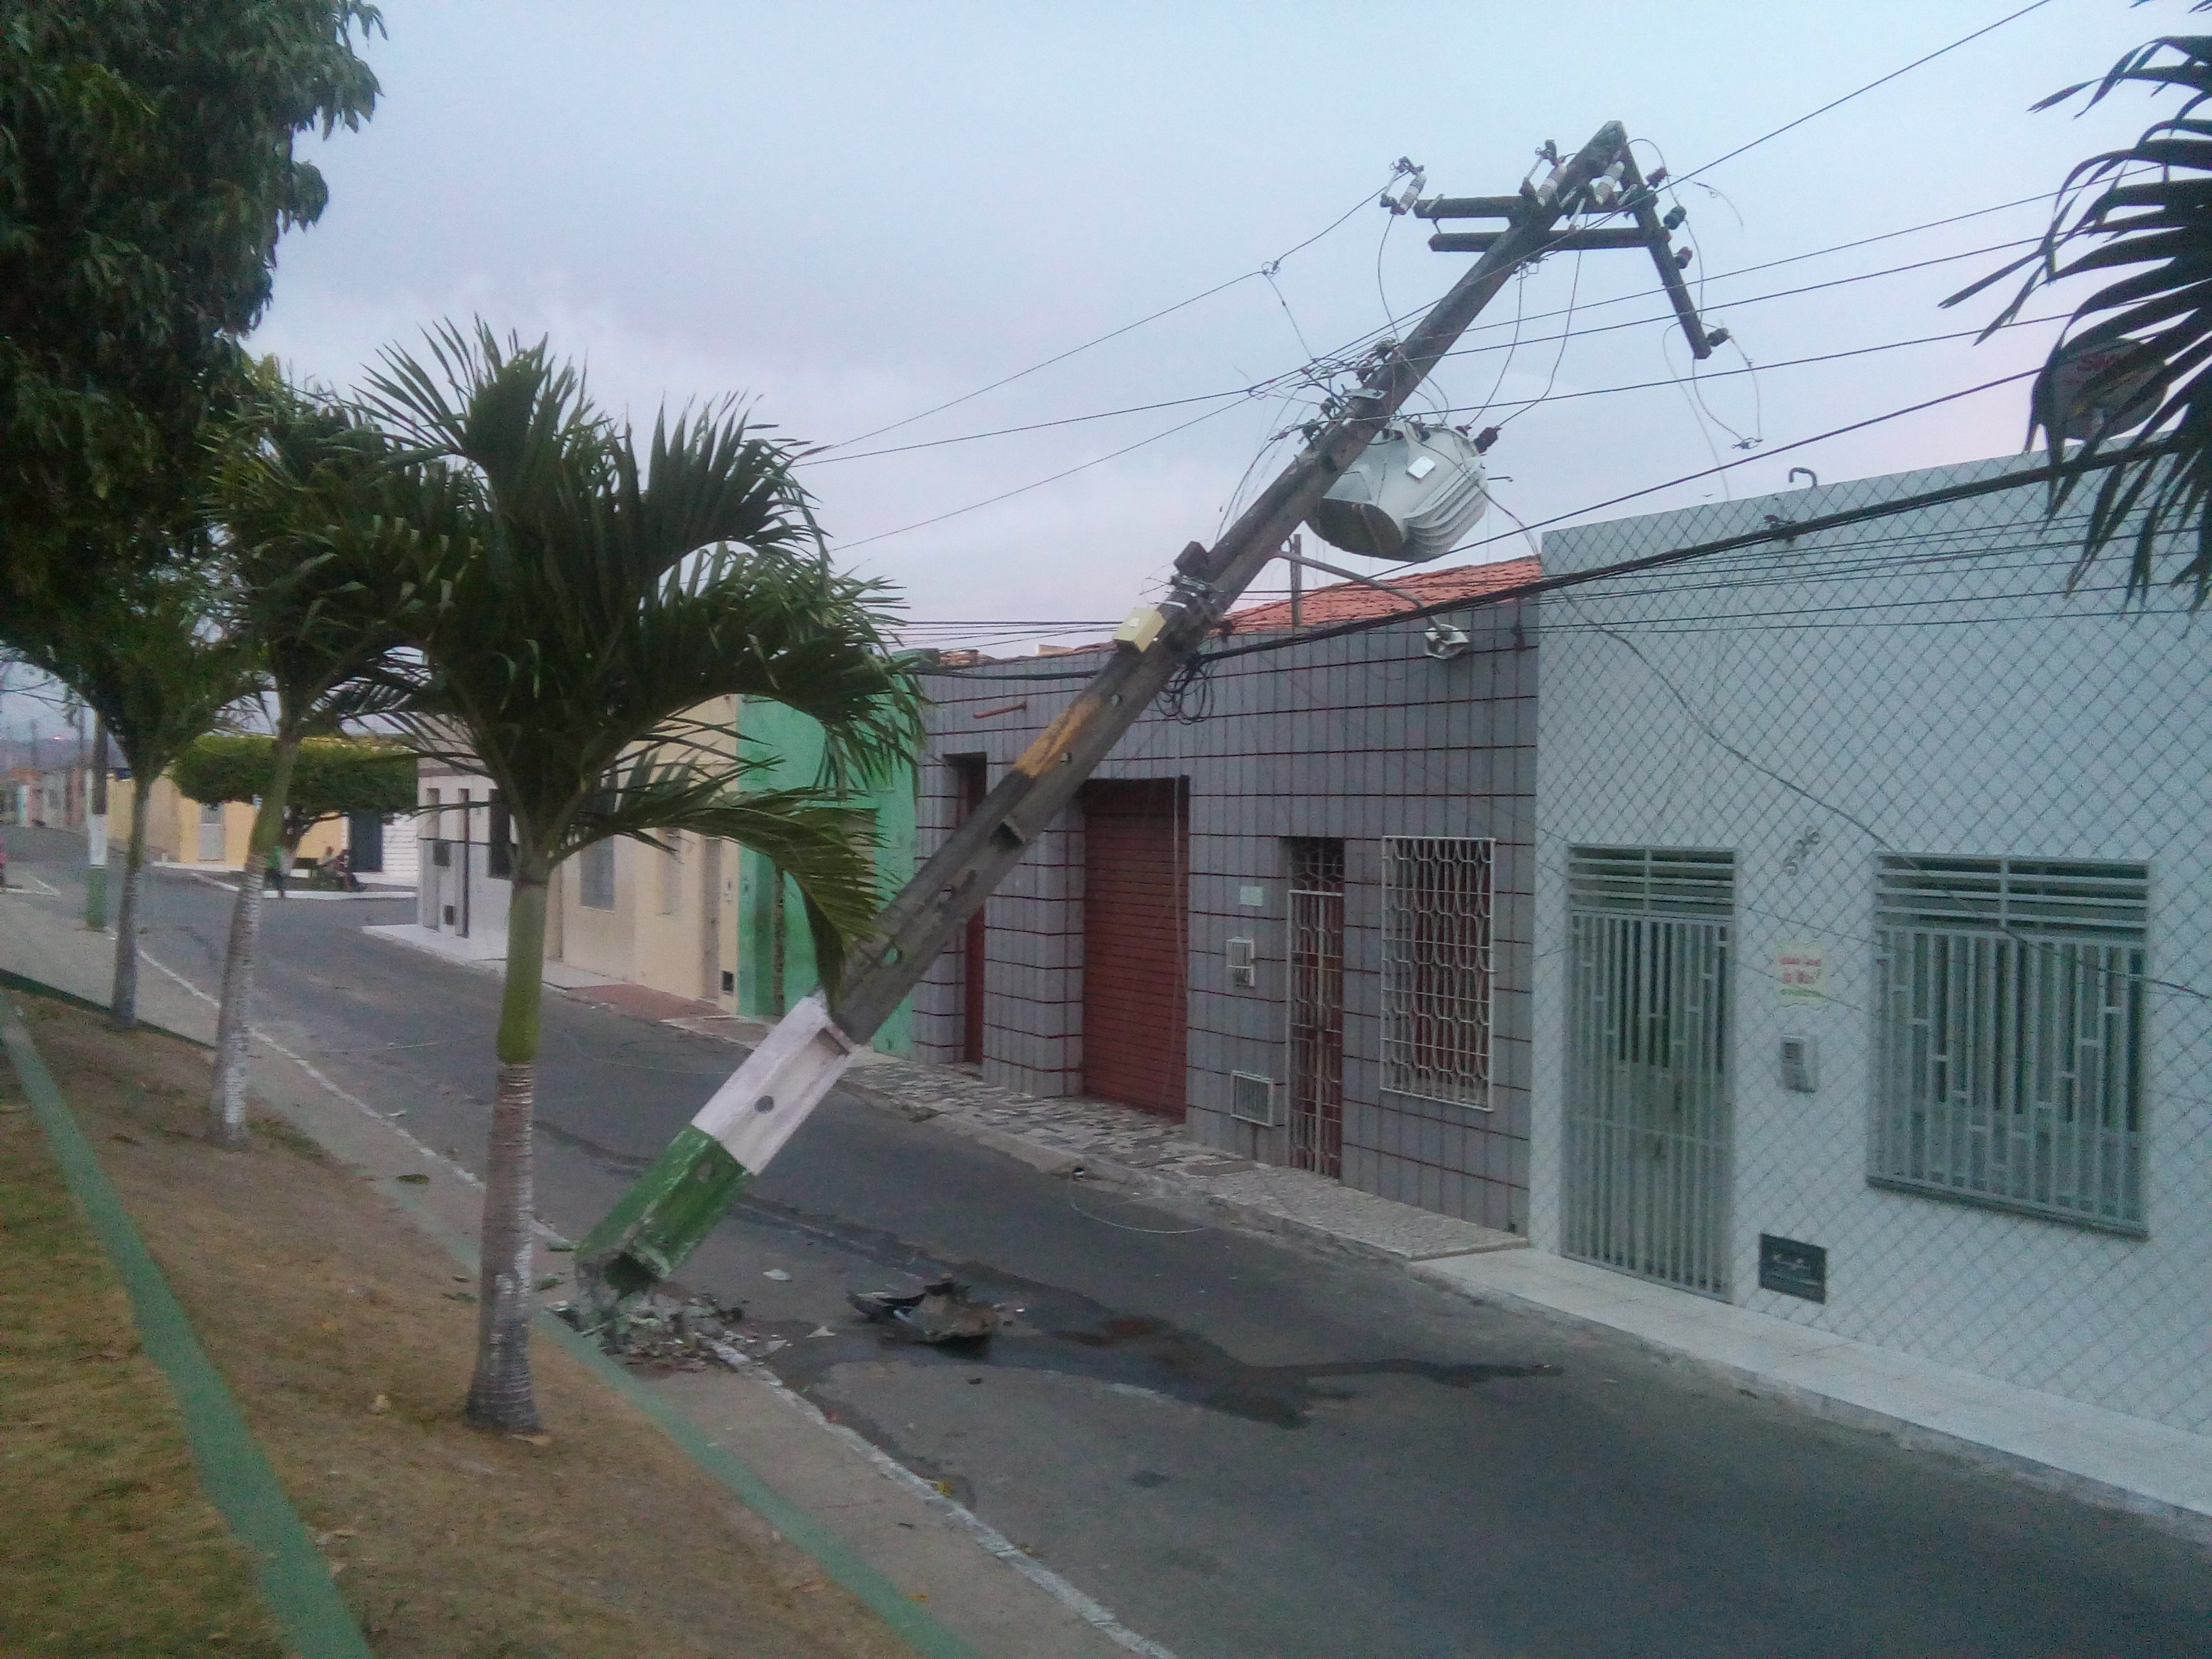 CARRO COLIDE E DERRUBA POSTE COM TRANSFORMADOR DURANTE A MADRUGADA